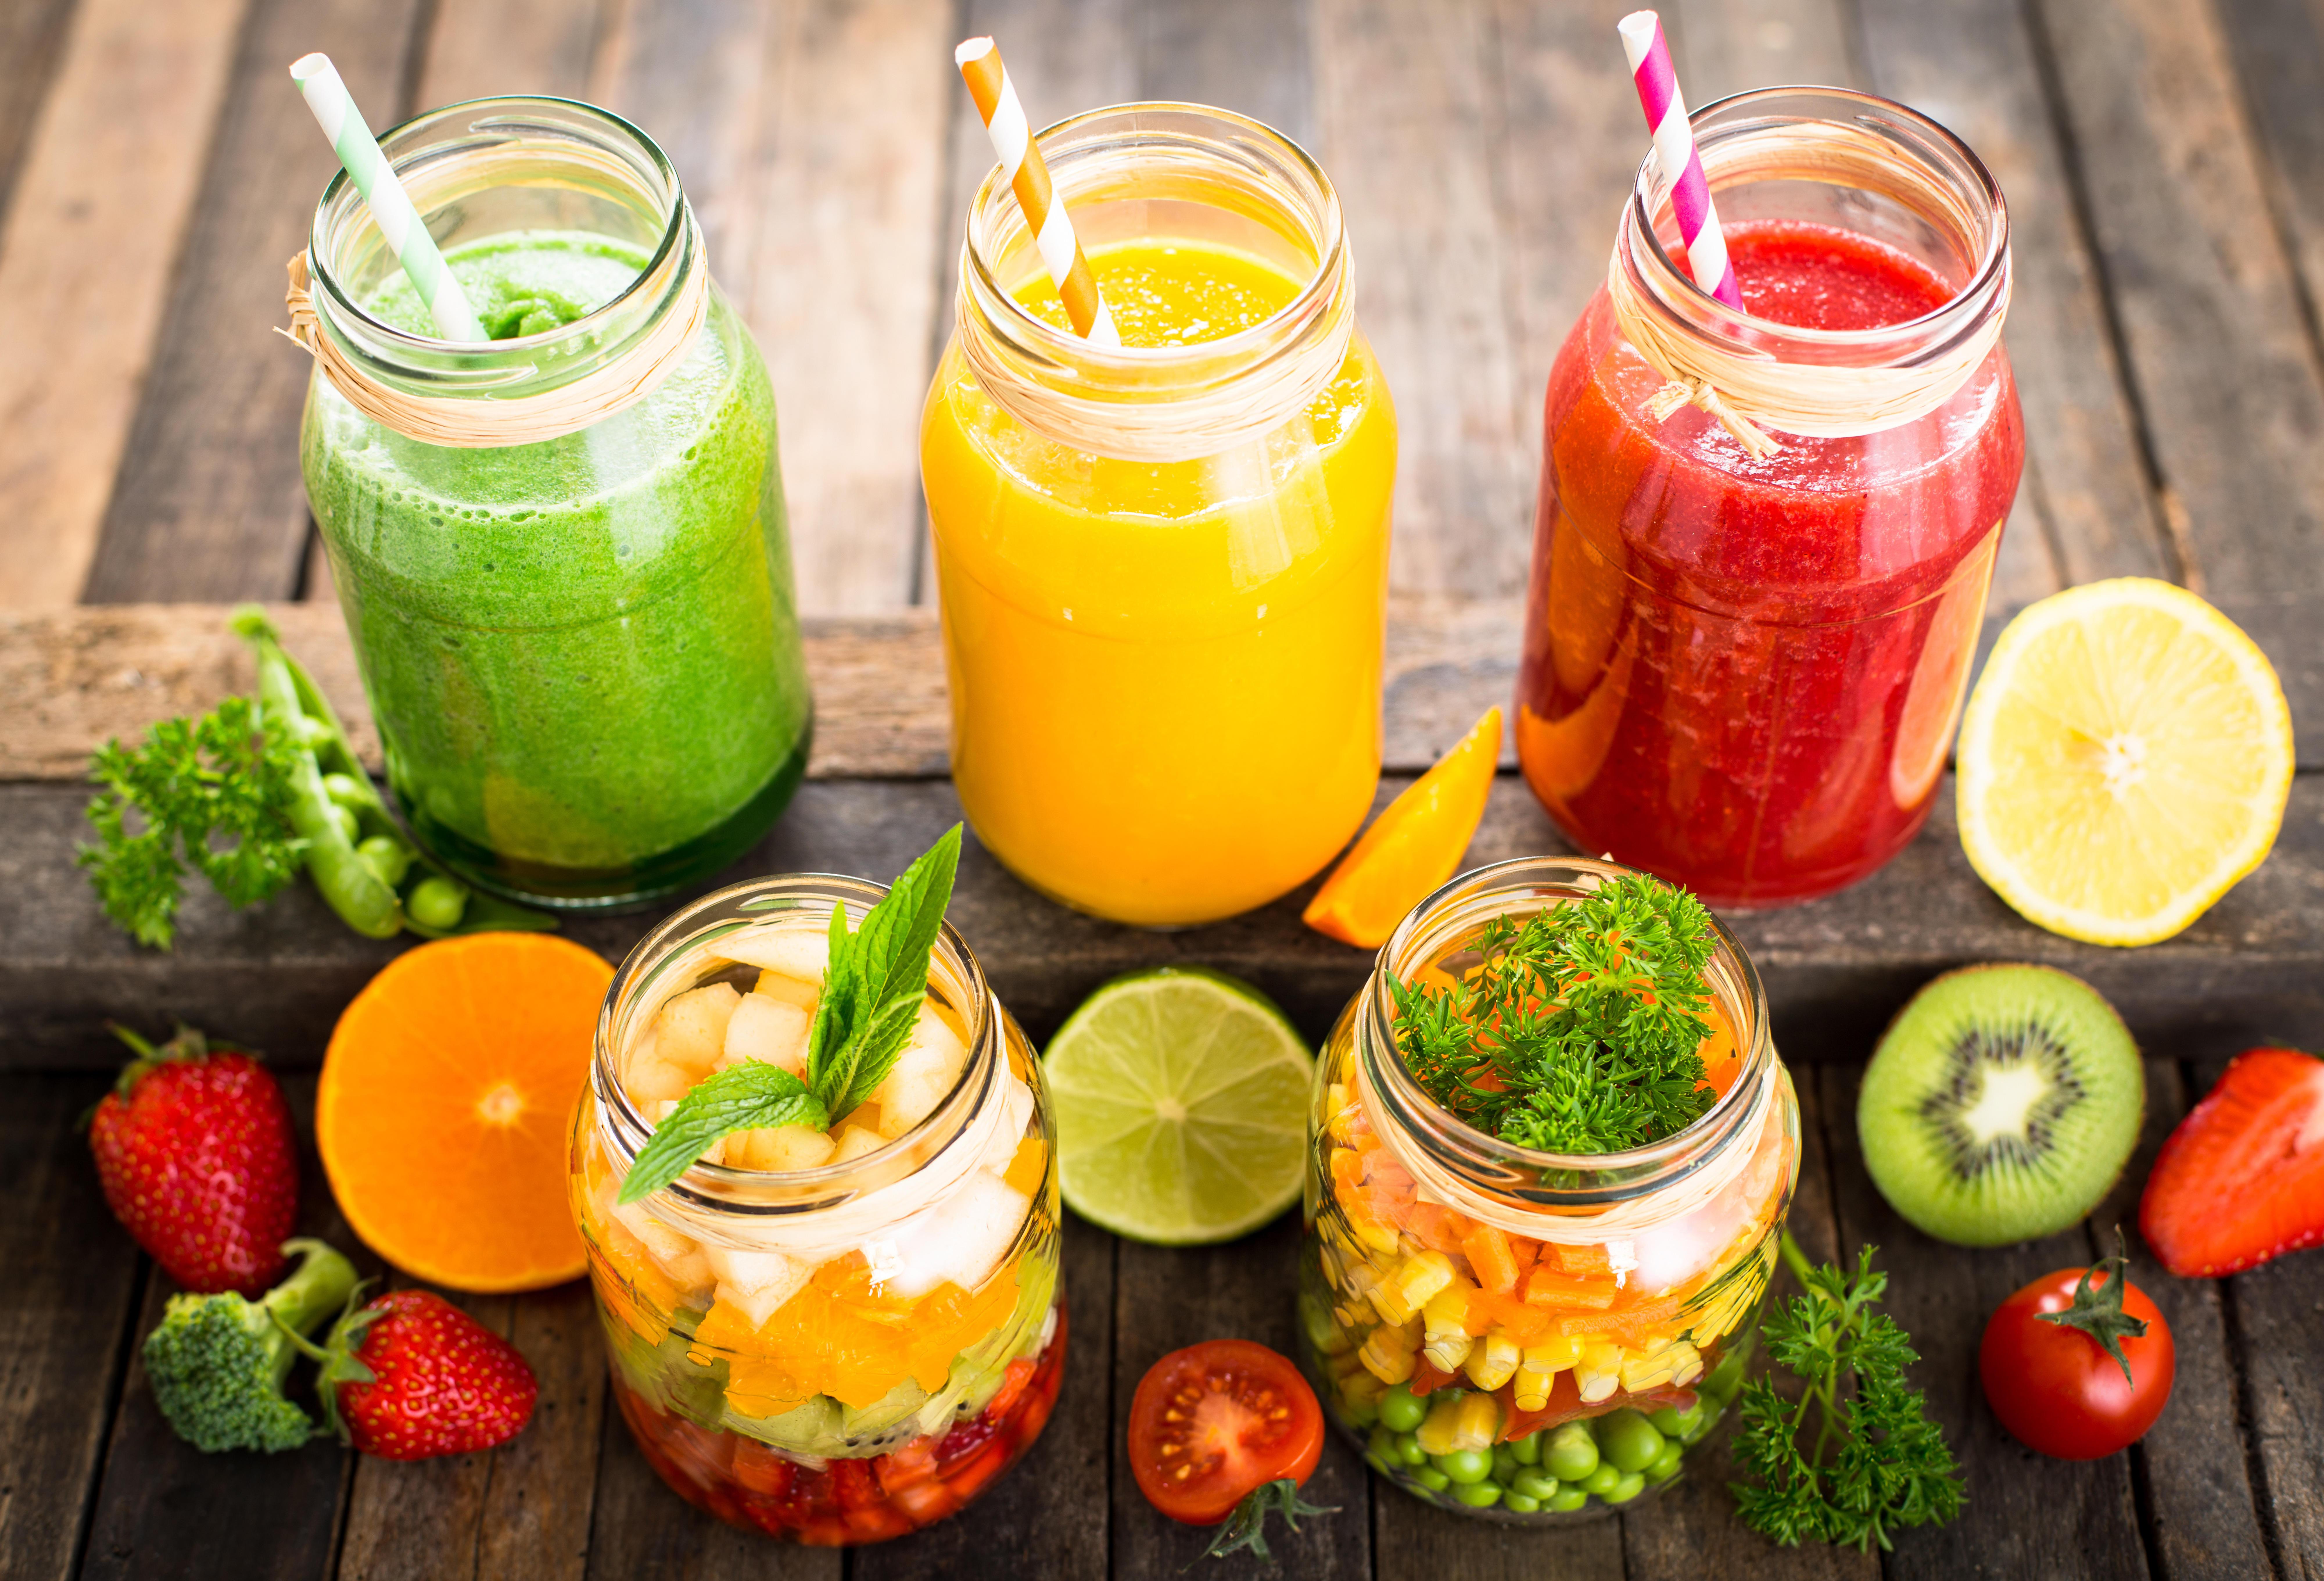 обои фрукты, ягоды, салаты, пюре картинки фото